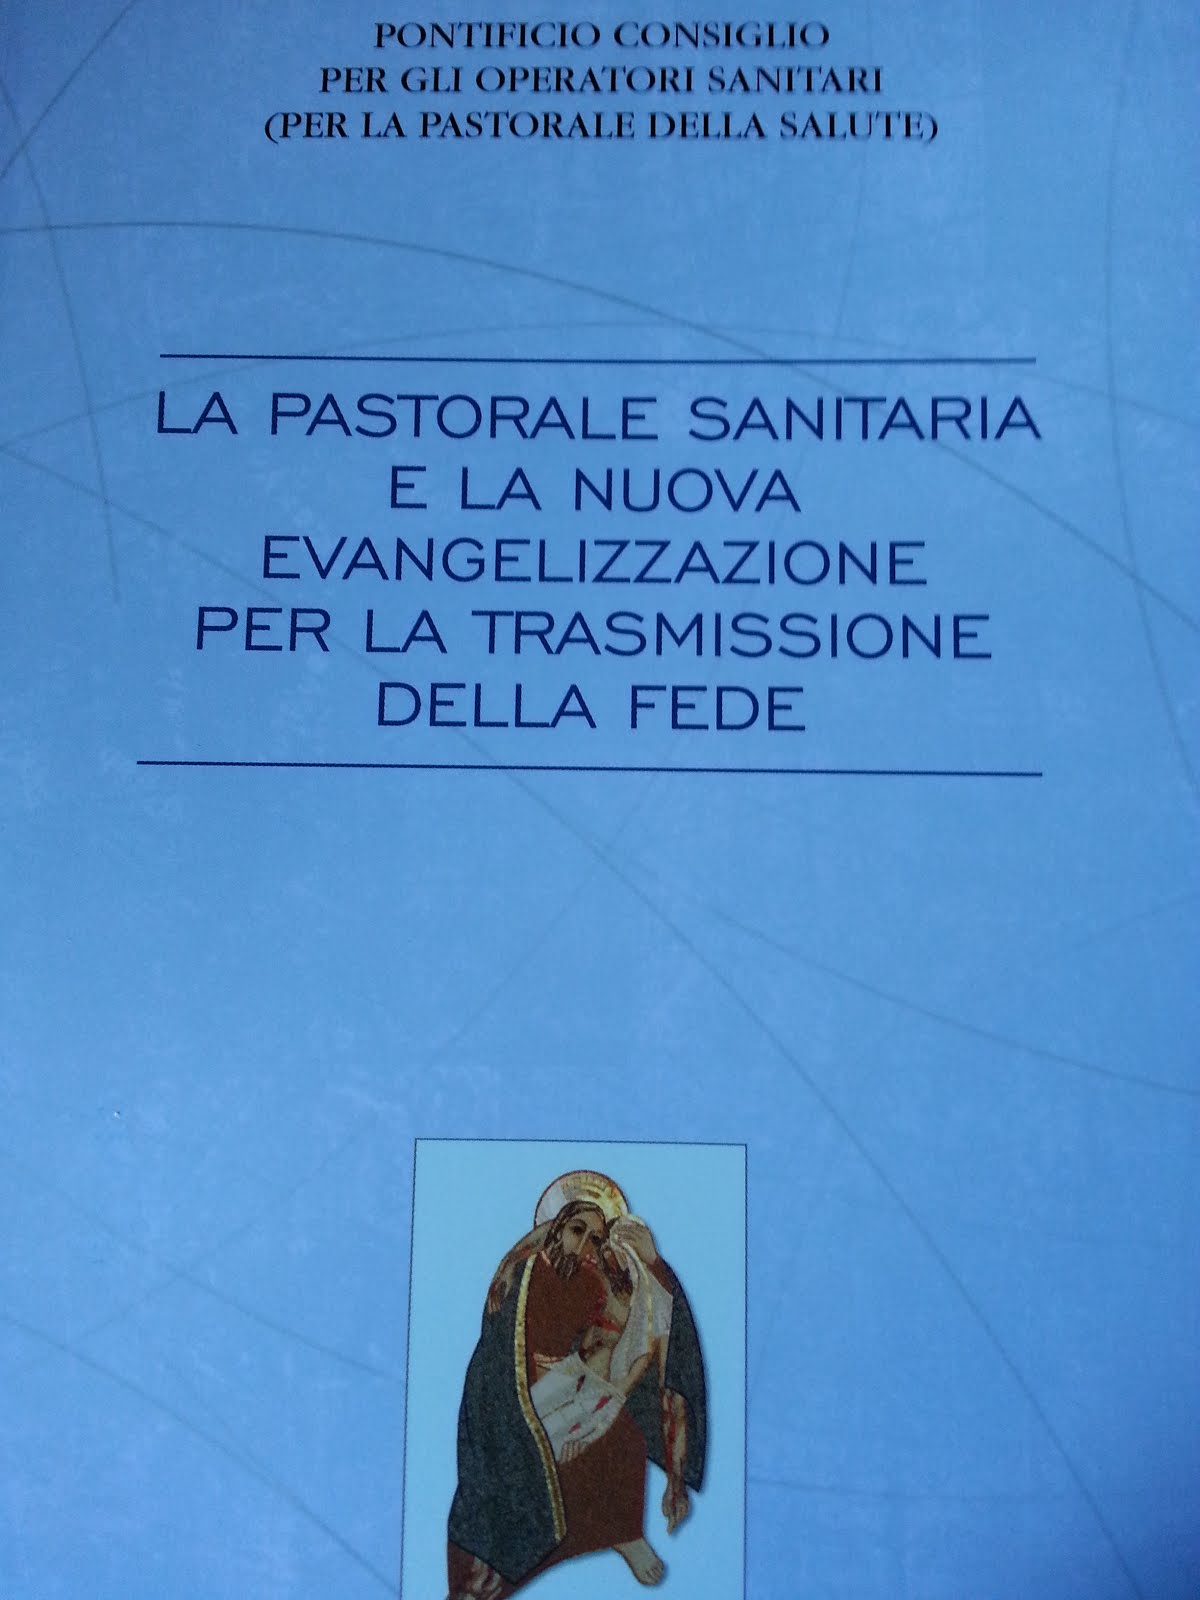 LA PASTORALE SANITARIA E LA NUOVA EVANGELIZZAZIONE PER LA TRASMISSIONE DELLA FEDE